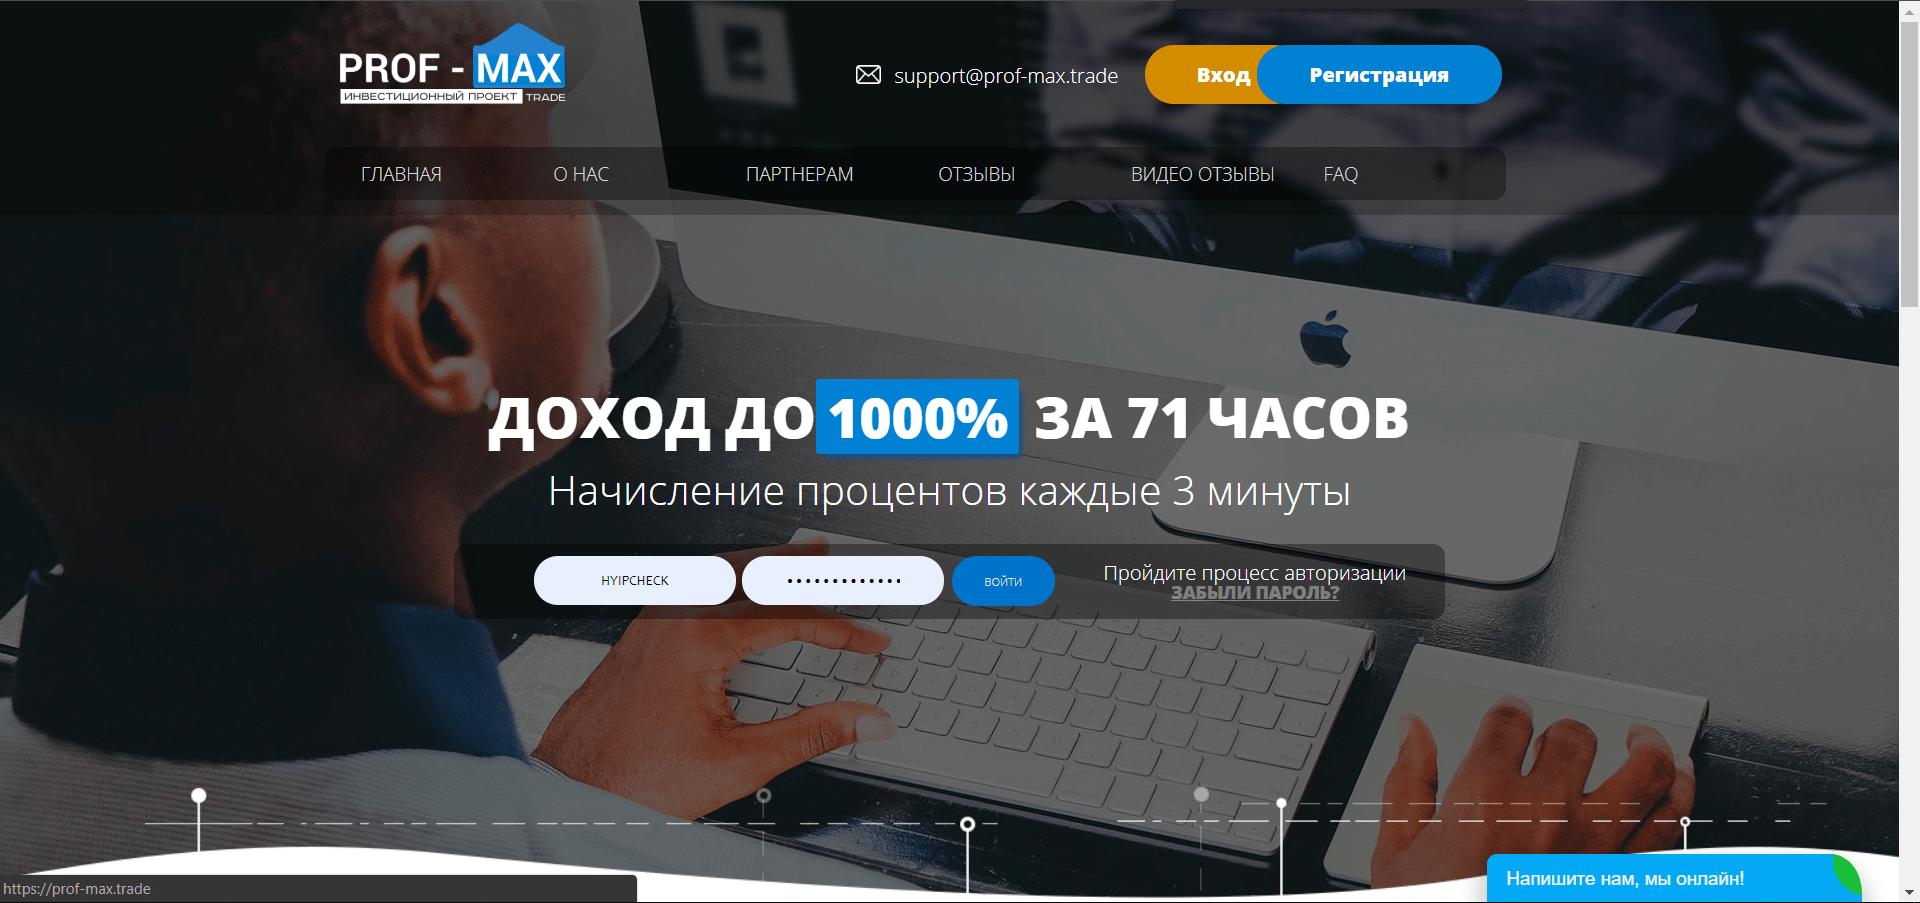 Prof-Max - отработал депозит и смена его статуса